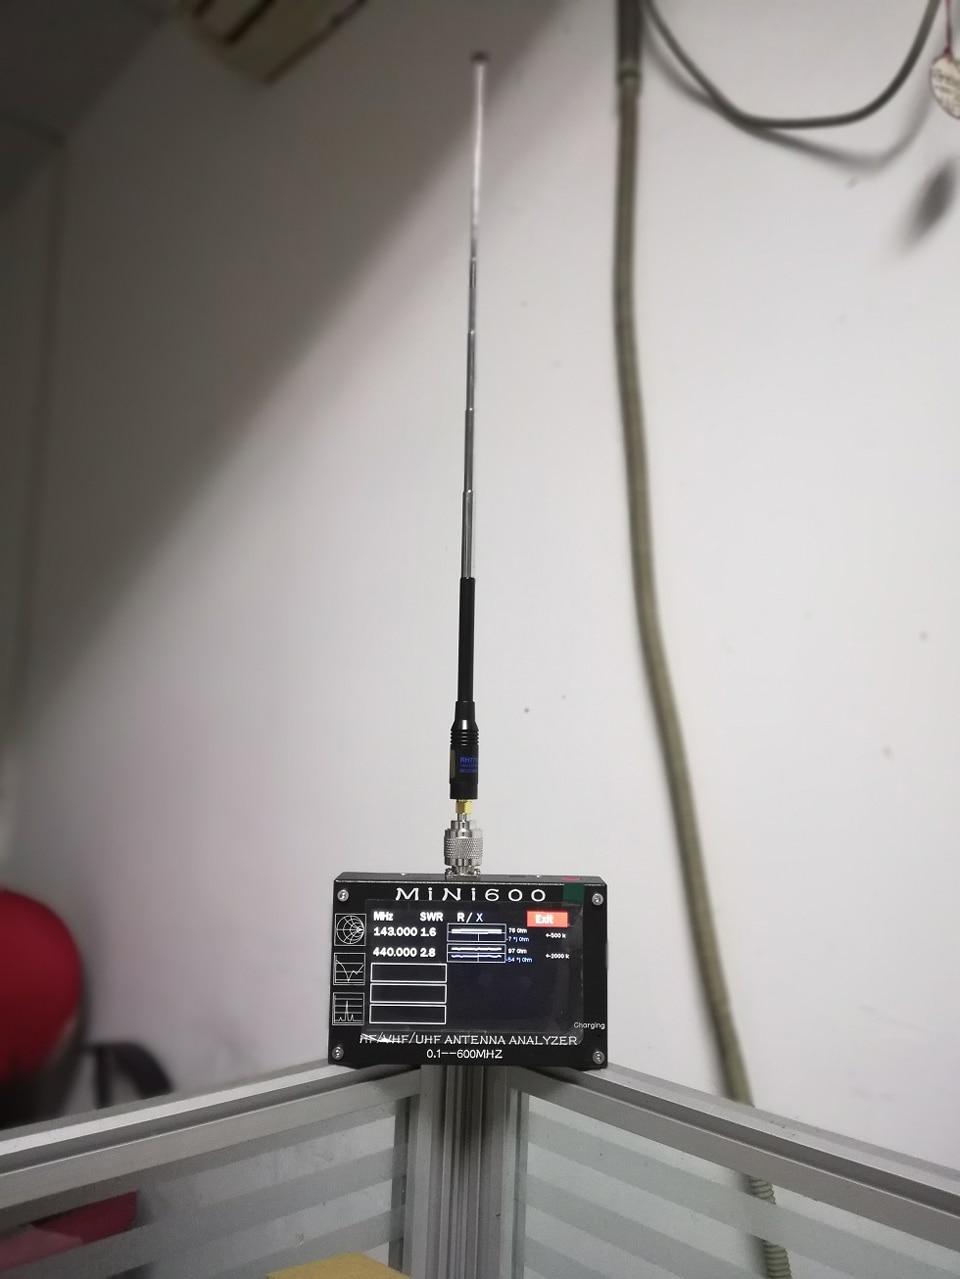 0.1-600MHZ HF VHF UHF SWR 5 do